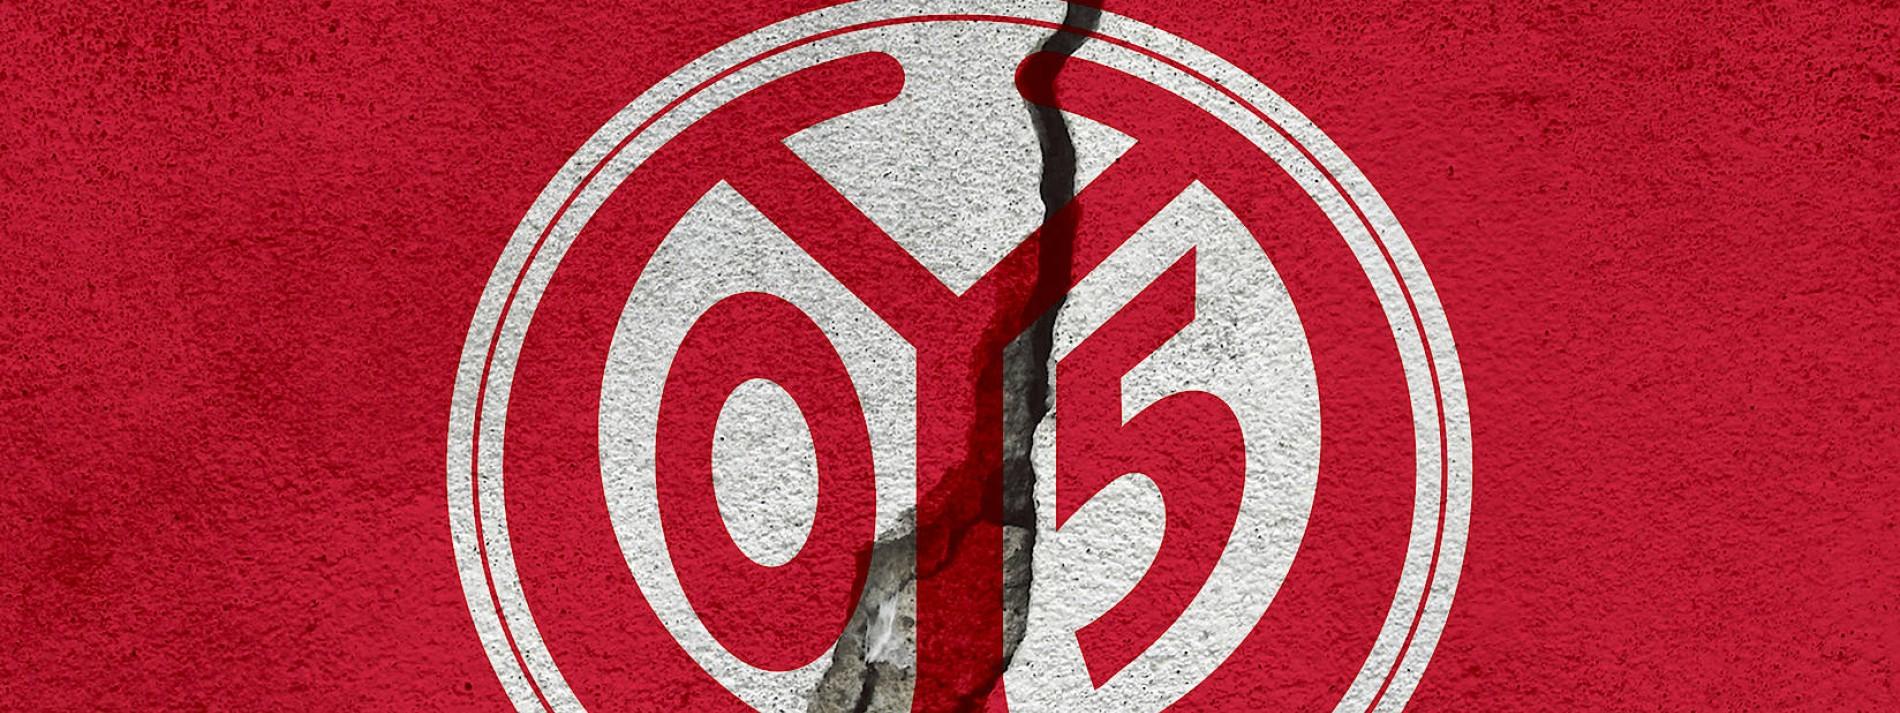 Vier bleiben draußen bei Mainz 05